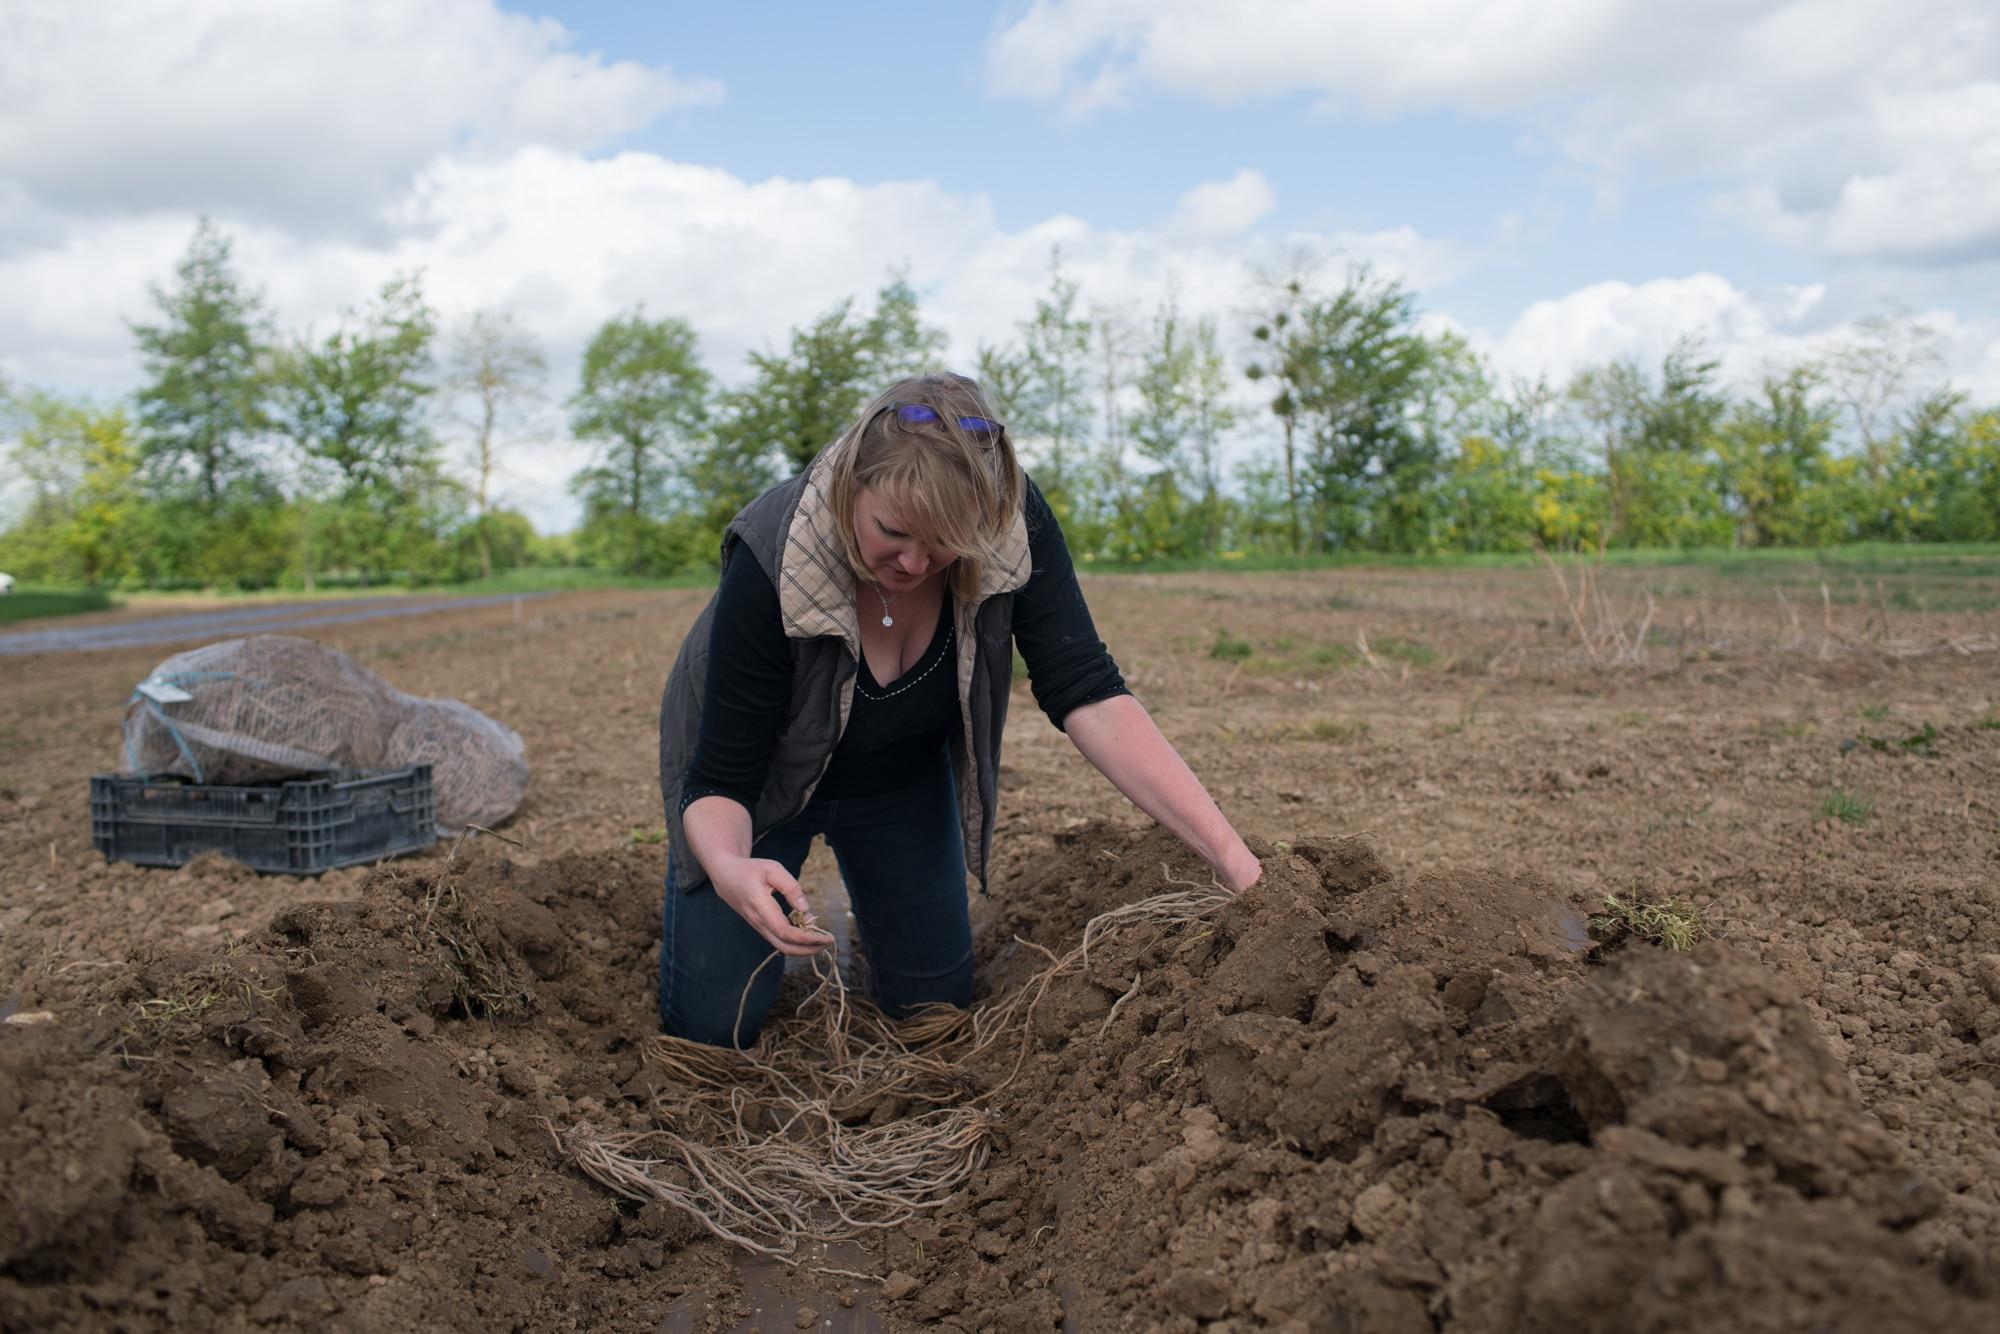 À genoux dans une tranchée, Sophie dispose des racines dans la terre.